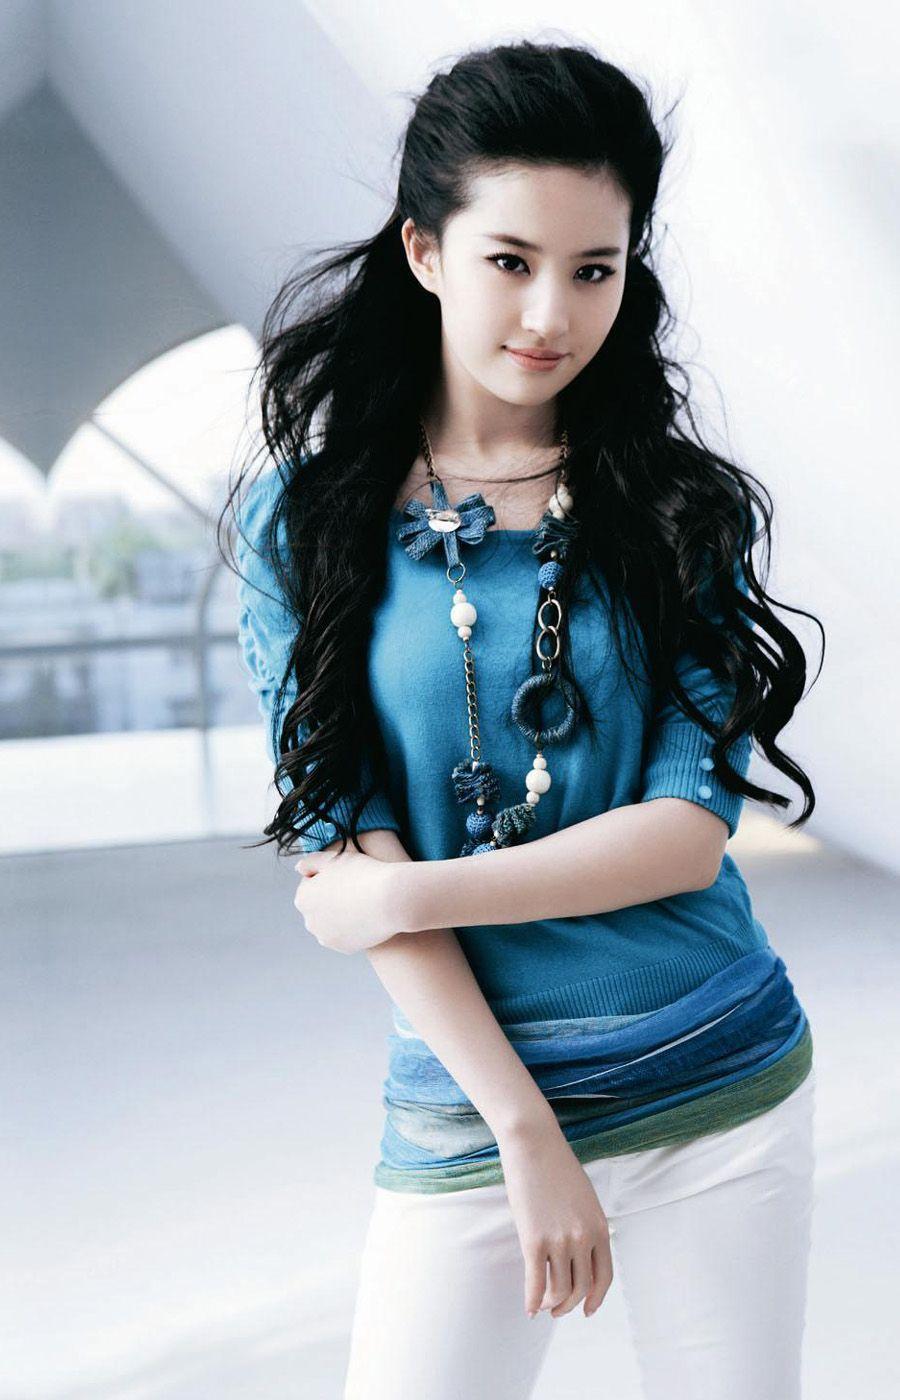 Yifei Liu: Liu Yifei Wallpapers